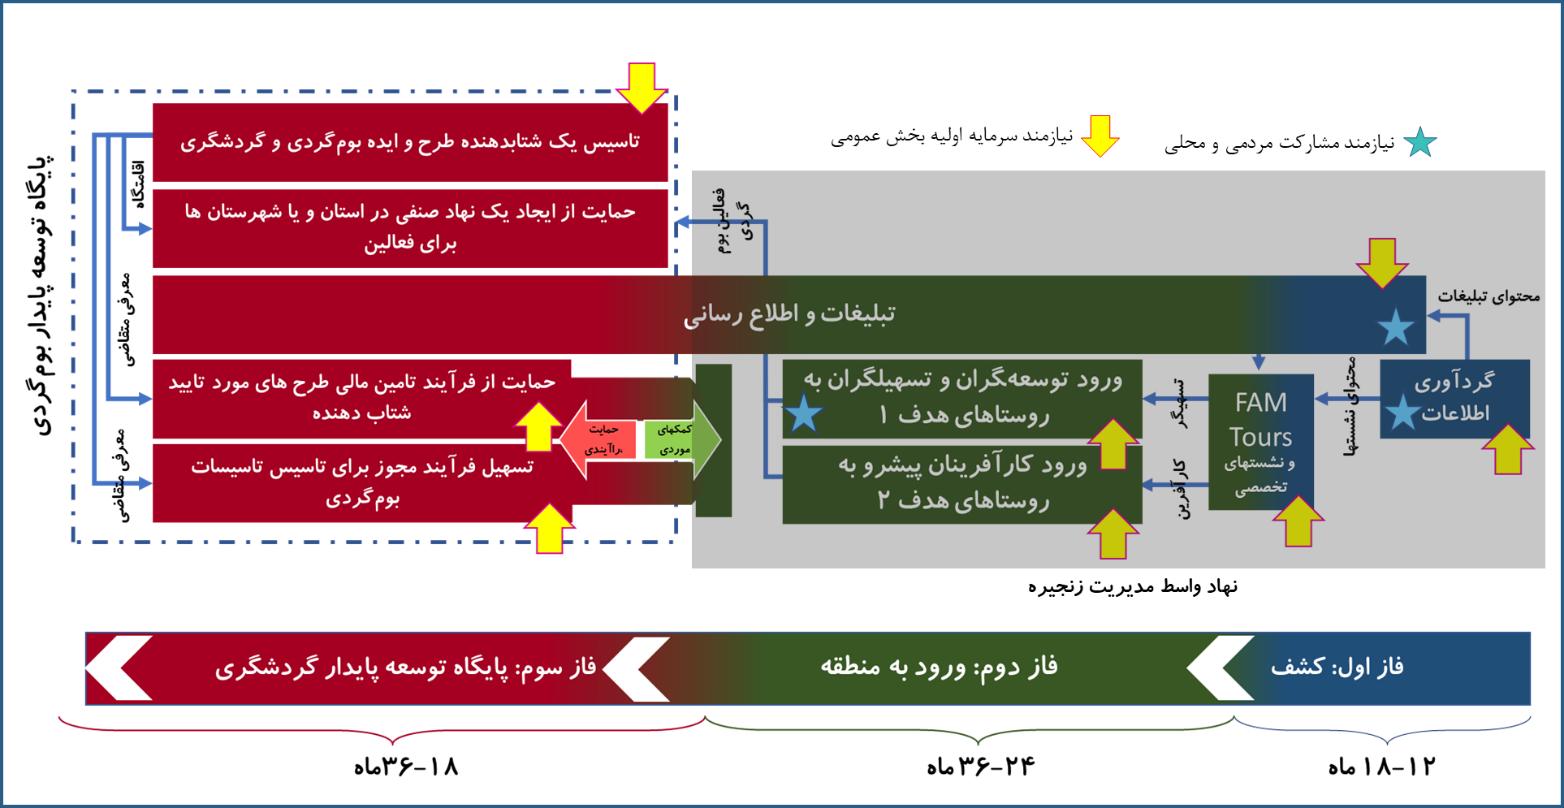 شکل 3 سیاستهای اصلاحی در بهبود و توسعه زنجیره انگور